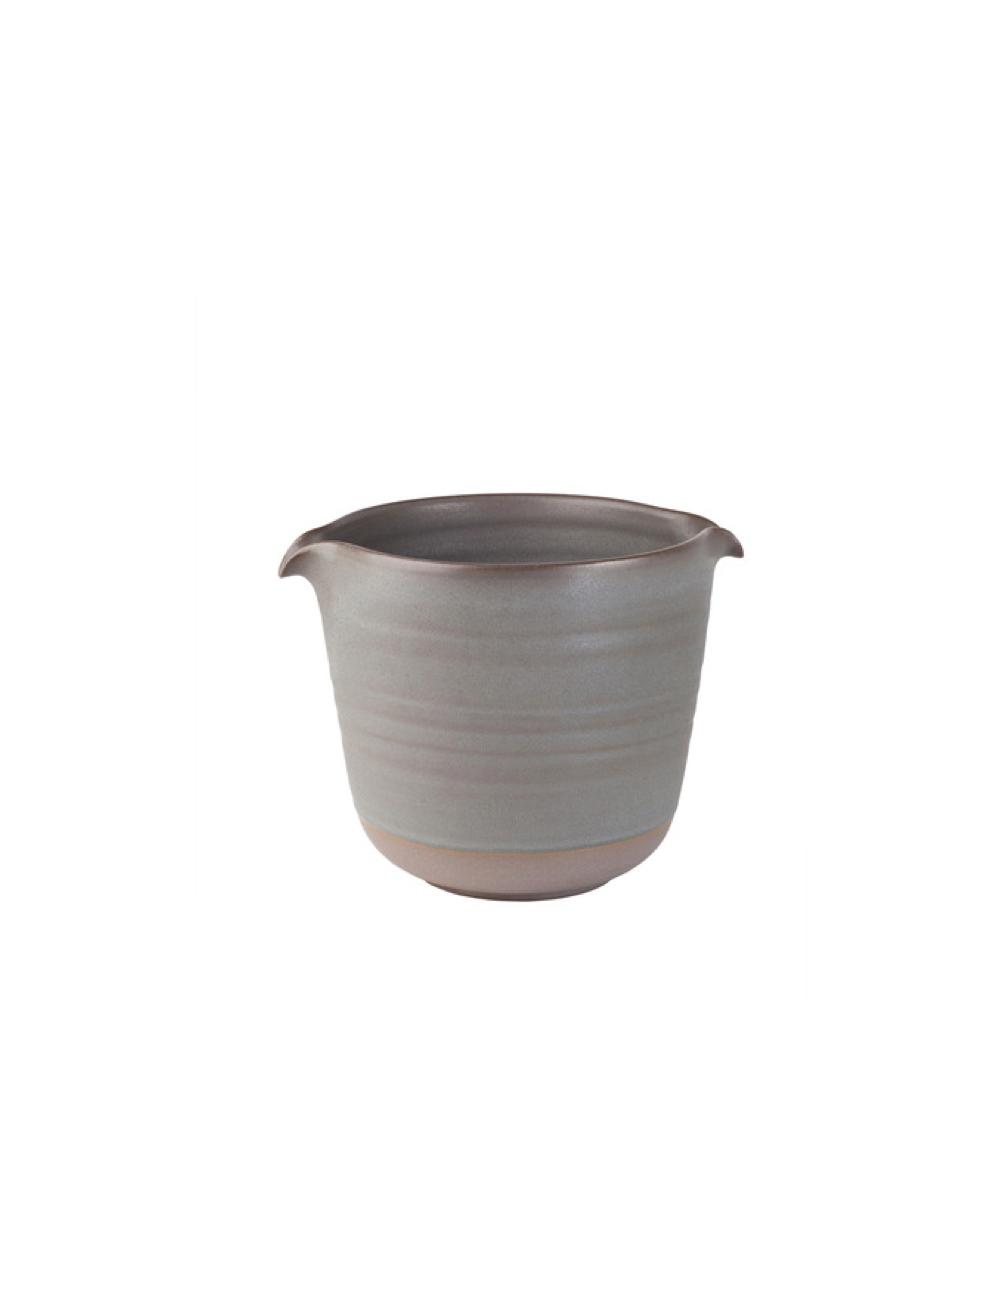 Grafit Bowl 1L C/O Lantliv